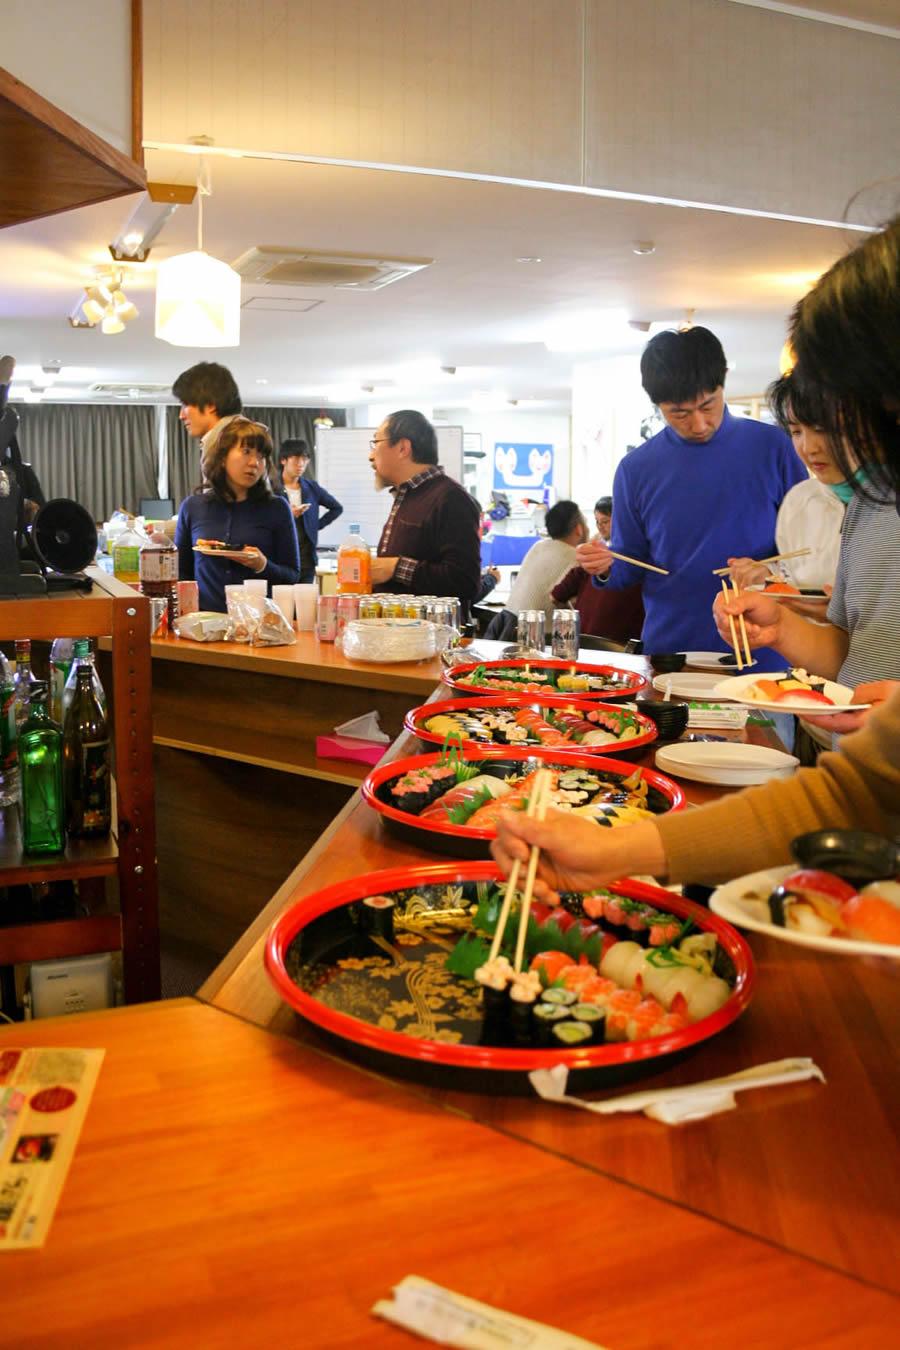 最終発表ではお酒とお寿司を楽しみながら、他のチームの発表をききました。